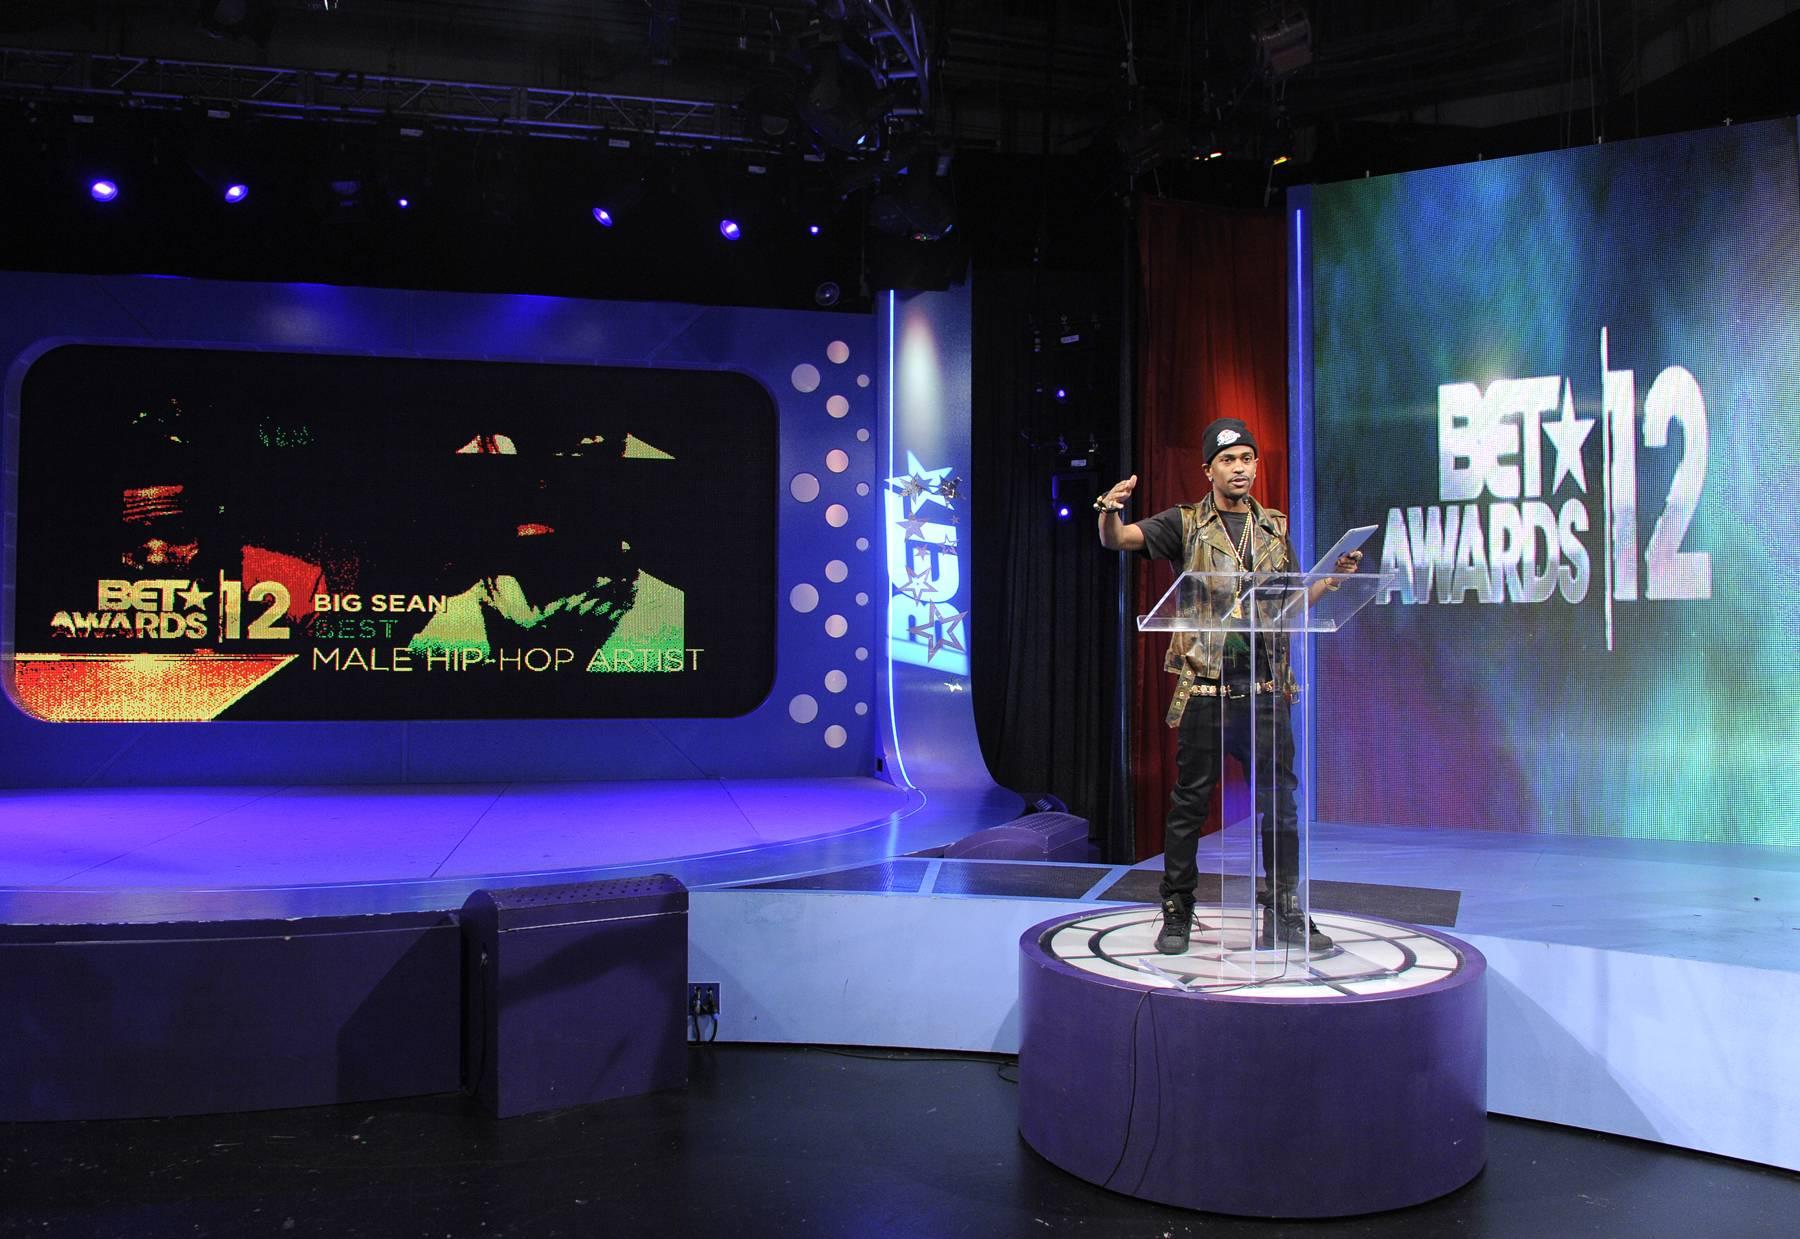 Big Sean Announces the Nominees - Big Sean at 106 & Park, May 22, 2012. (Photo: John Ricard / BET)